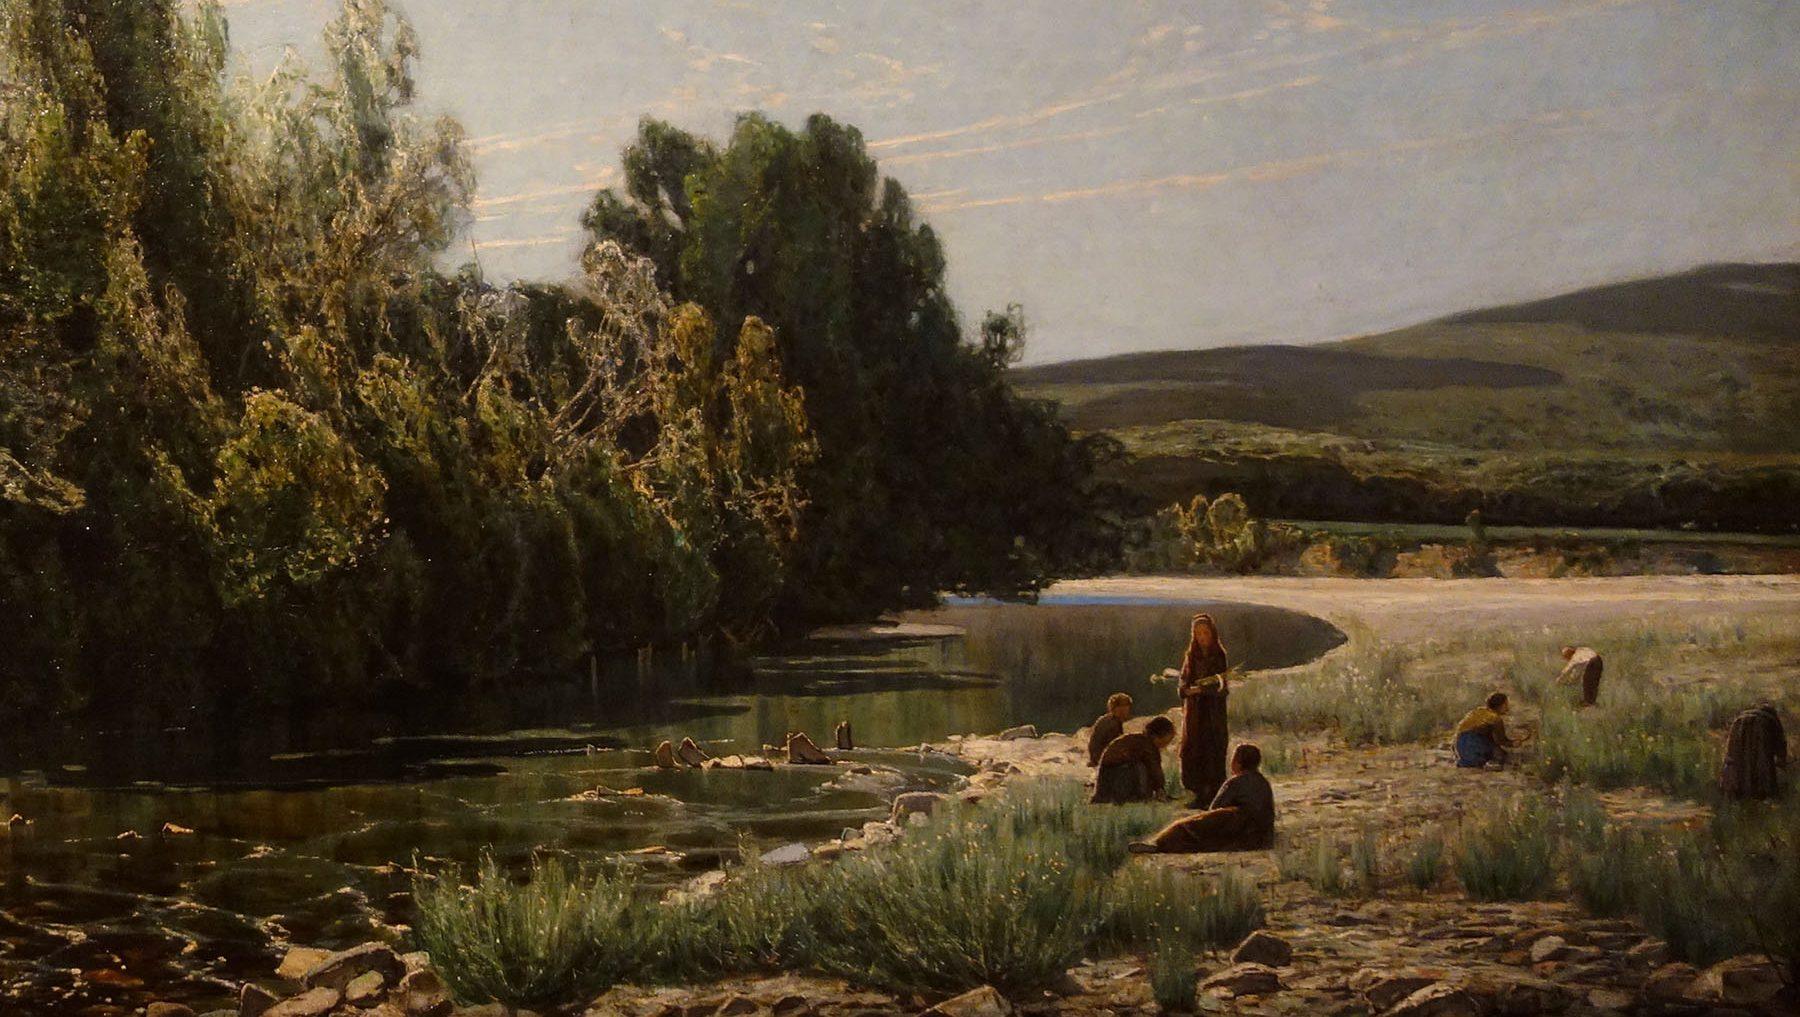 Dipinto-fiume-bormida-cover-e1617176372407